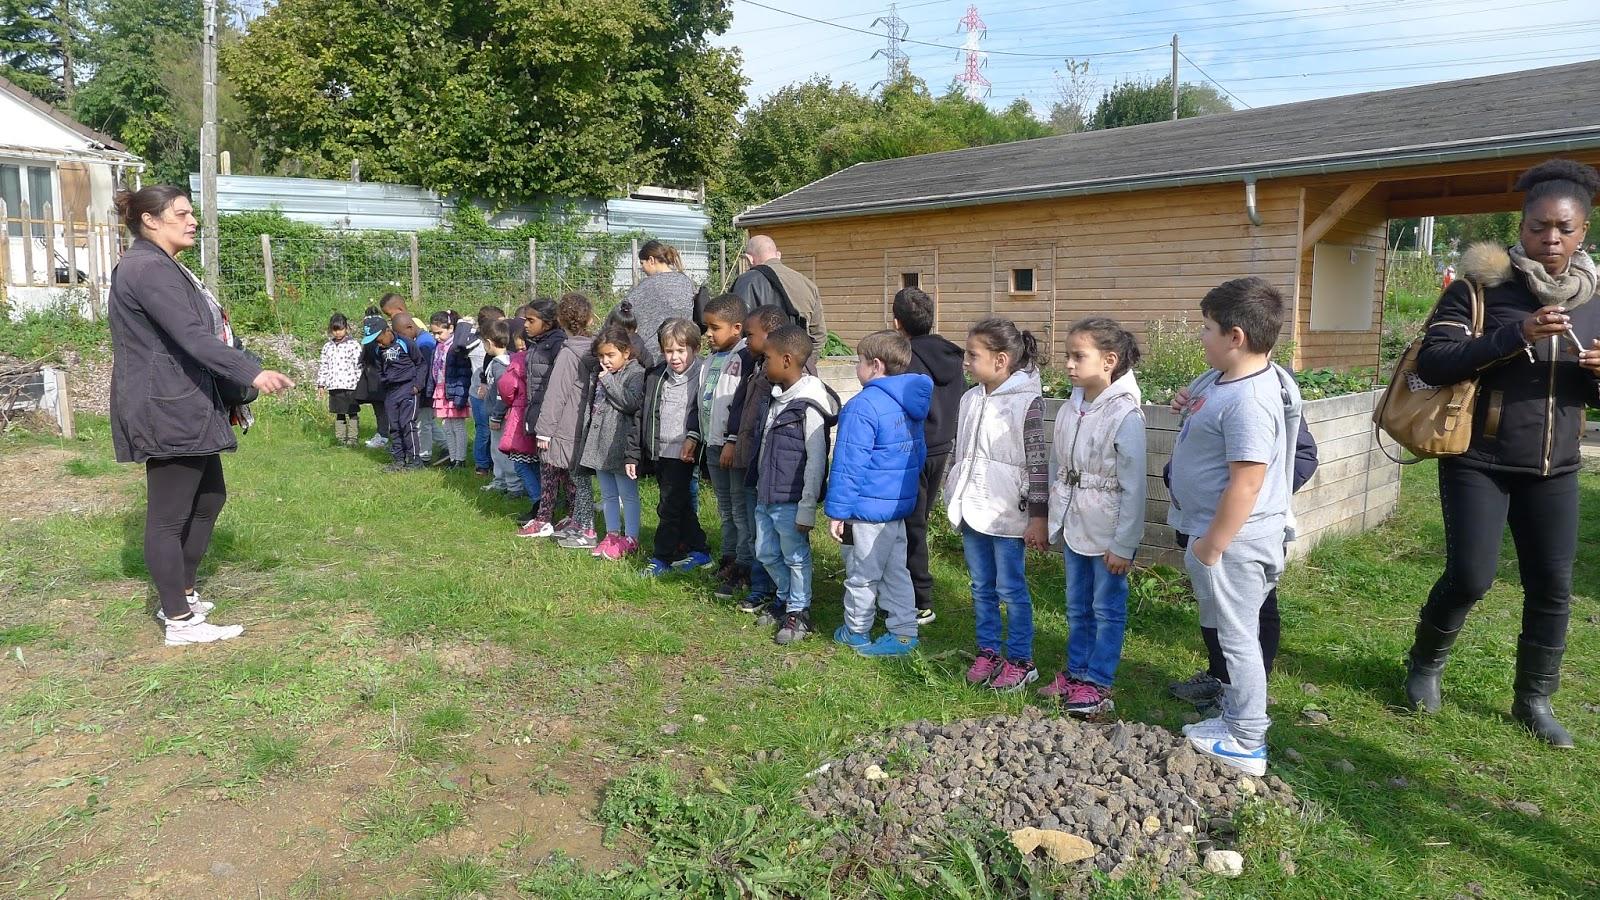 D couverte du jardin de la butte pinson pierrefitte for Jardin cultural uabc 2015